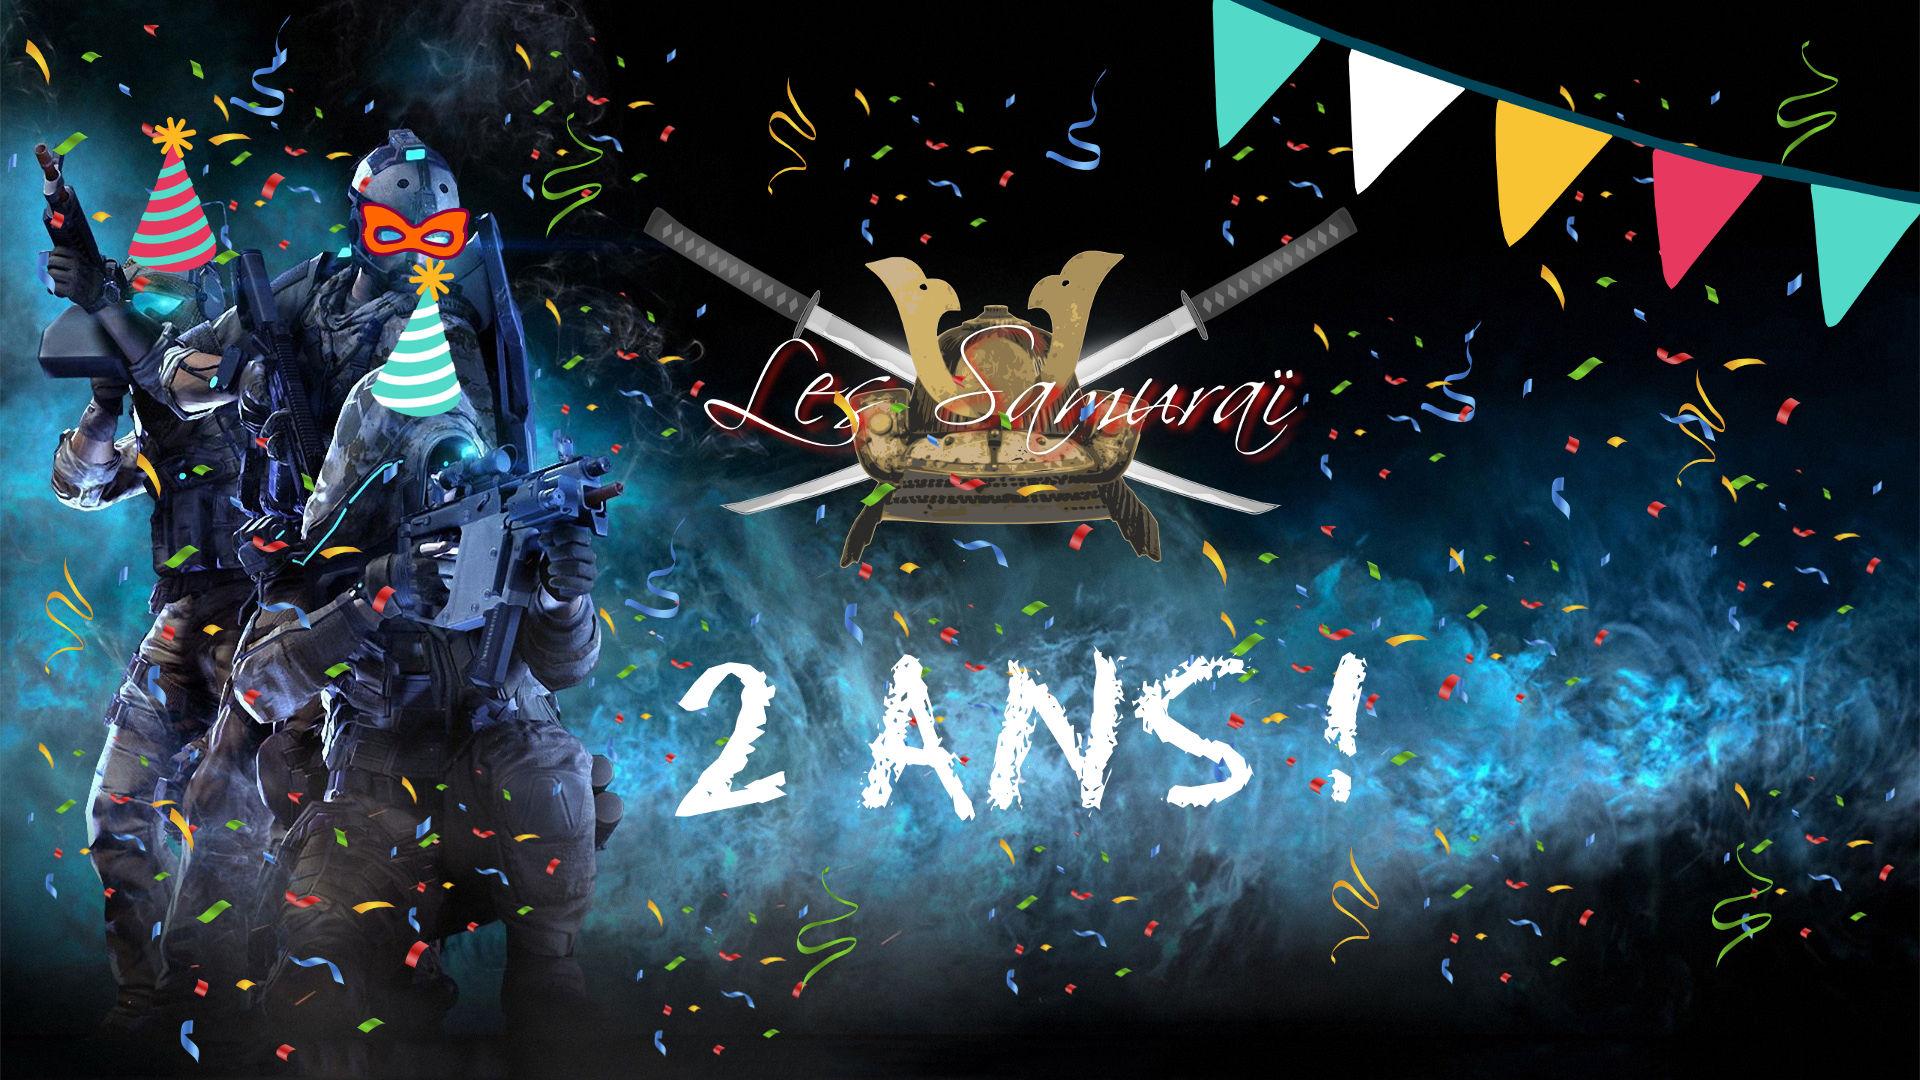 Les Samuraï Xls Communauté De Joueurs Francophones Fêtent intérieur Jeux 2 Ans En Ligne